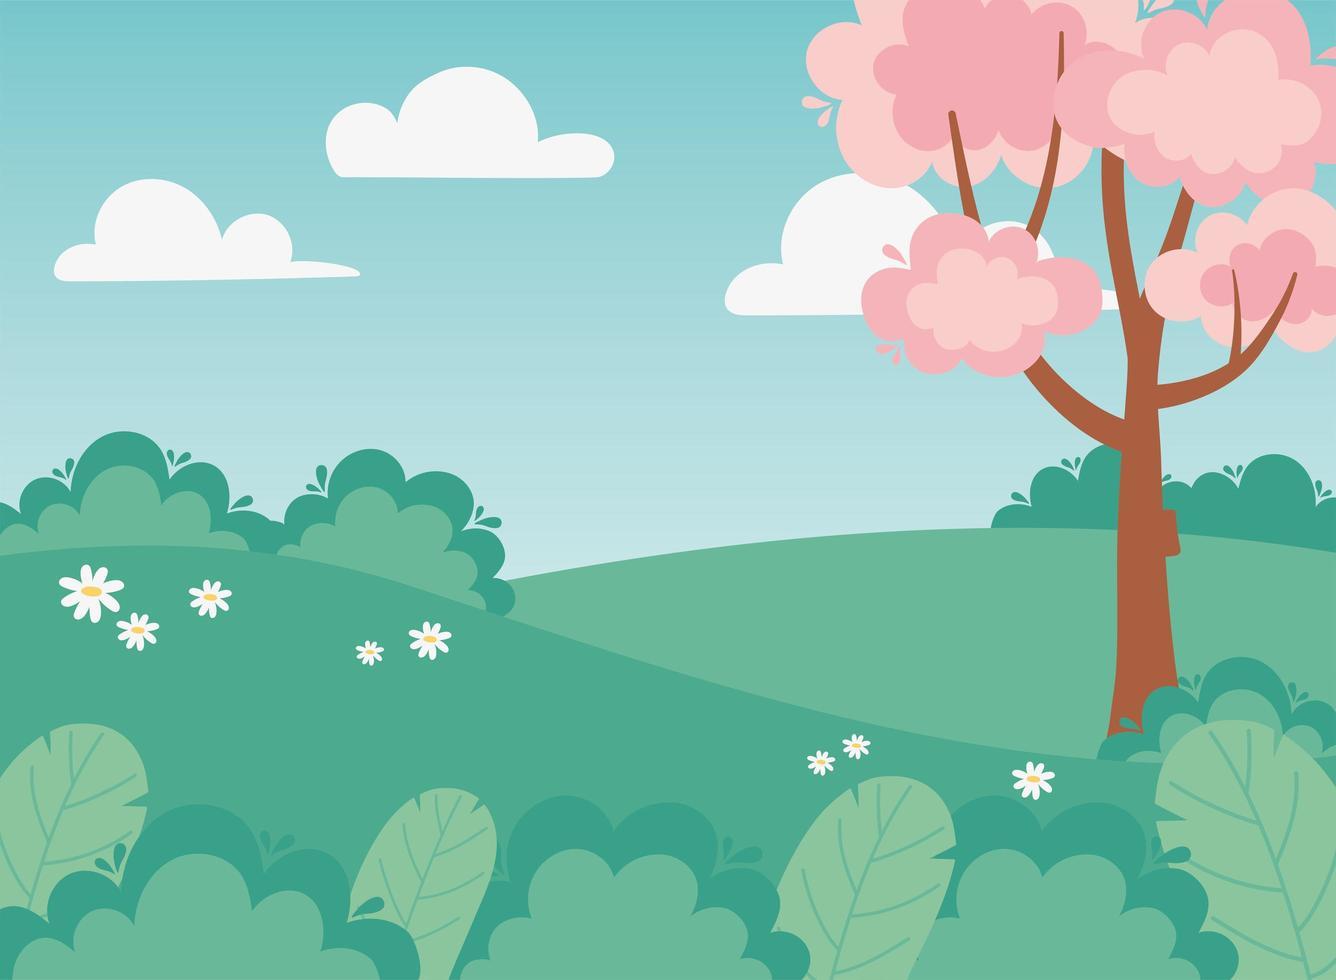 vegetación del paisaje, flores, arbustos, campo y árbol vector